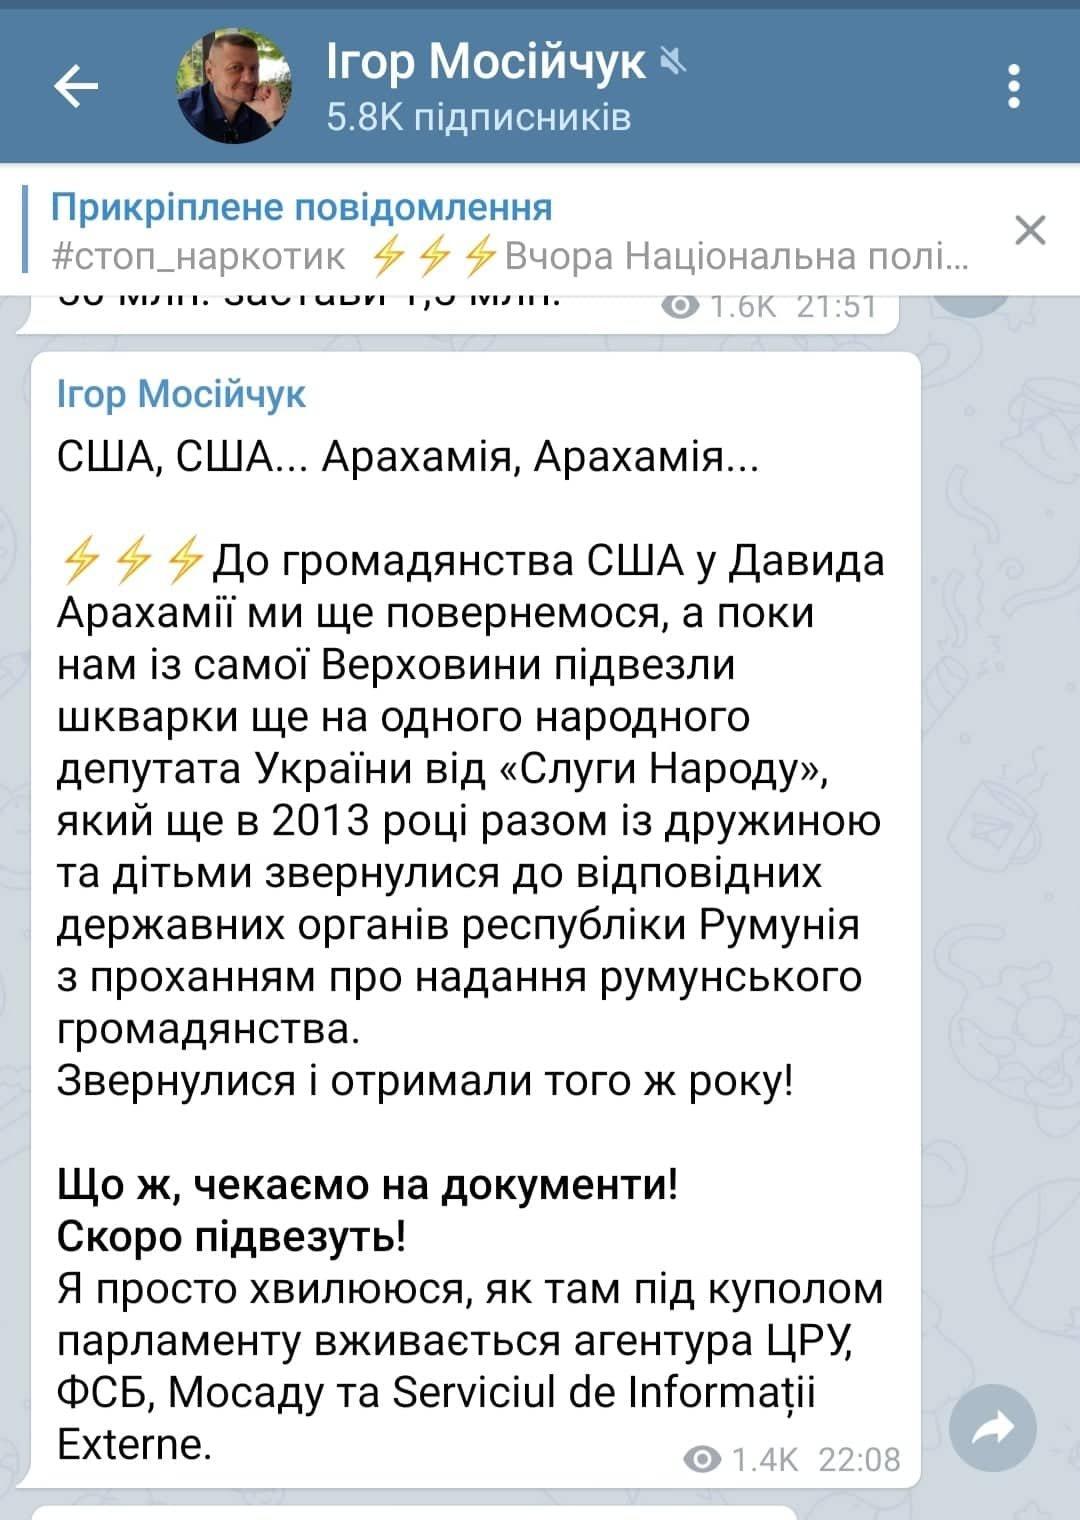 Верховинський слід. Мосійчук заявляє про нардепа-слугу, який має громадянство Румунії (фото, відео), фото-1